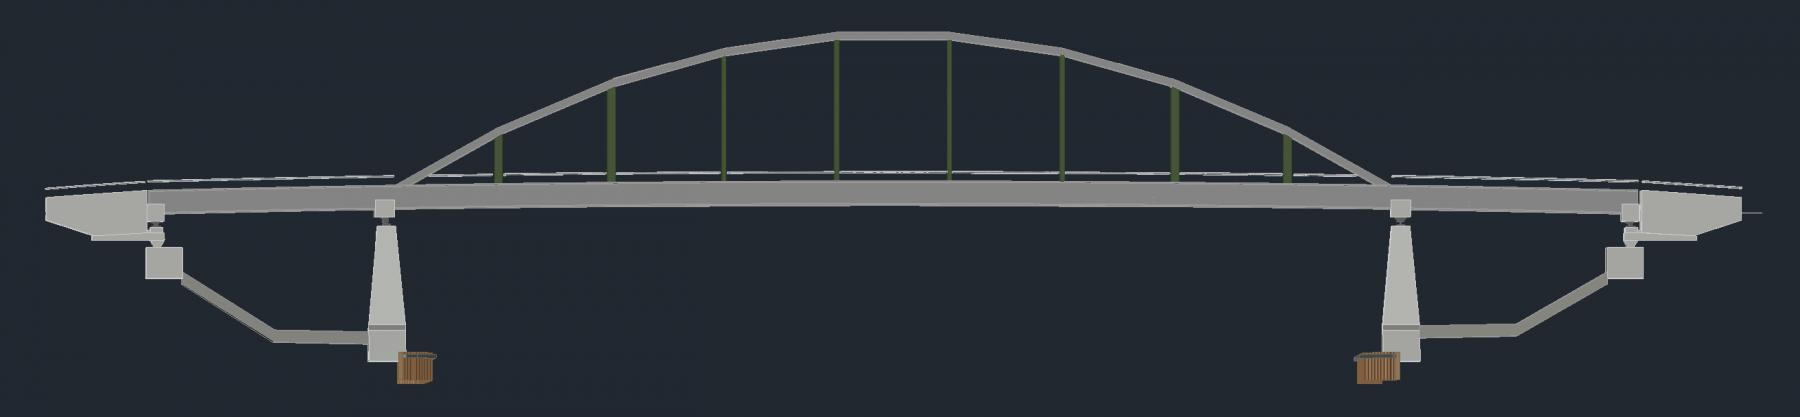 AutoCAD_warmtinkbrug3